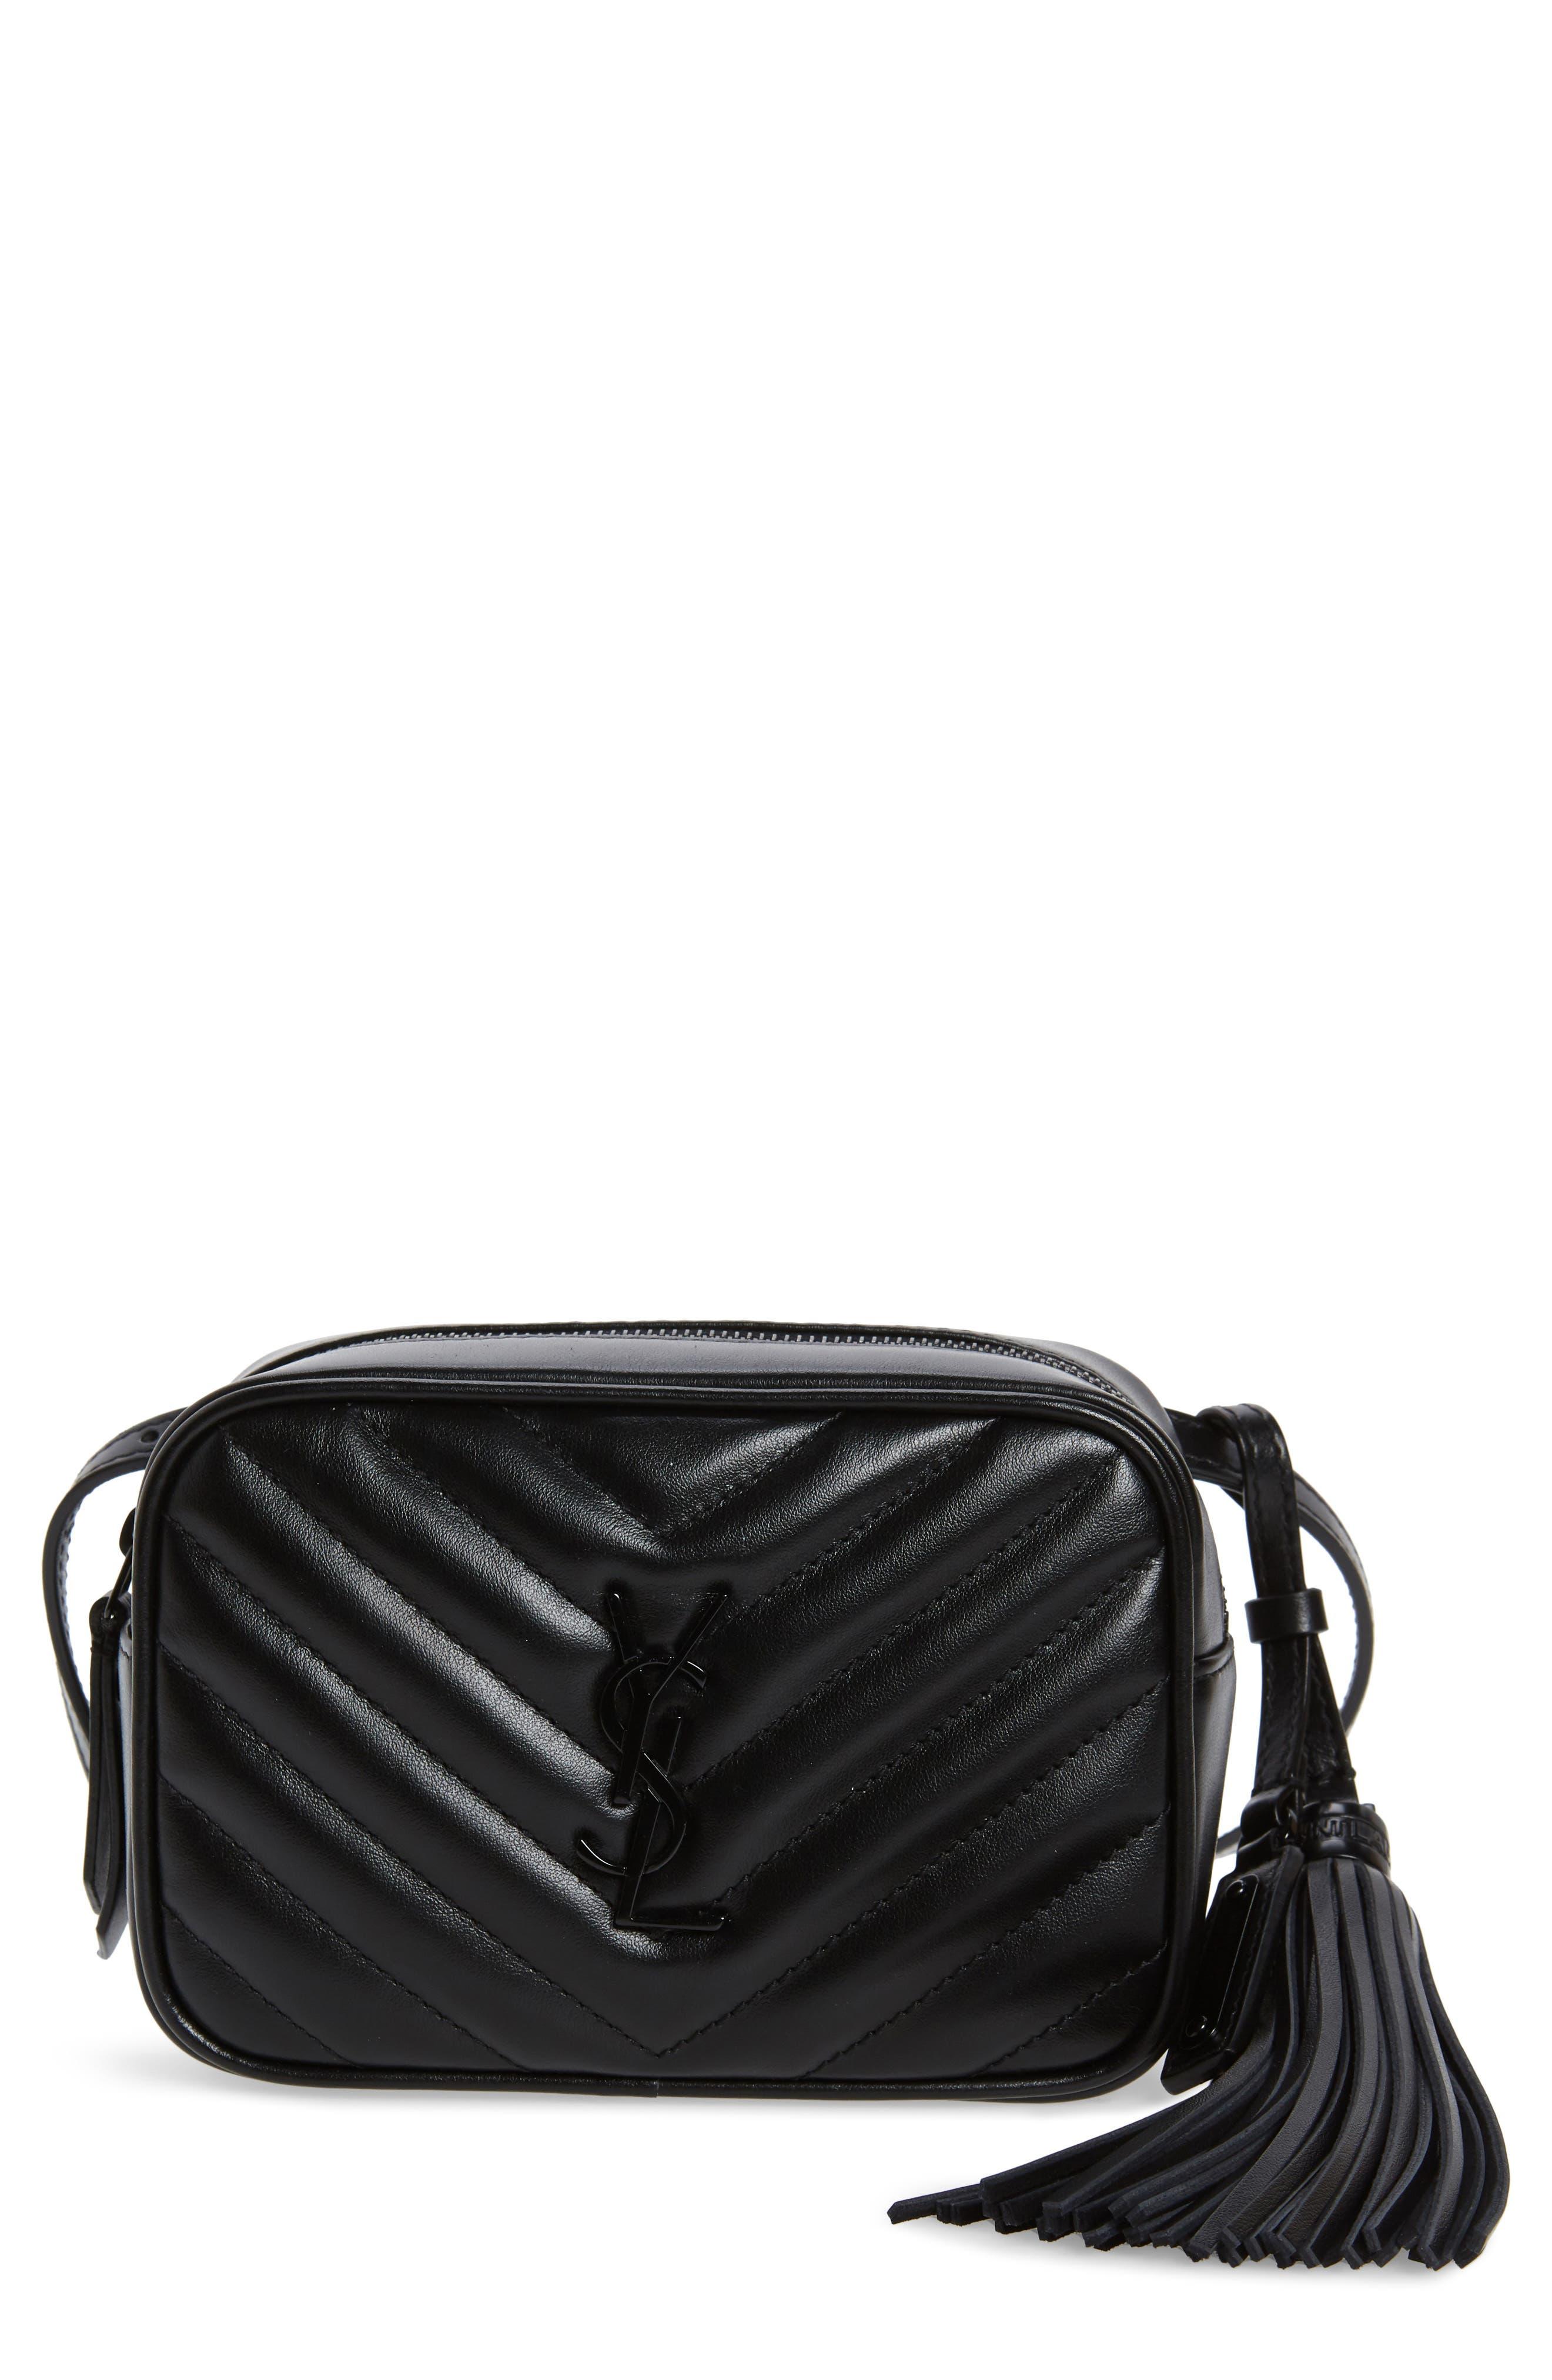 Lou Matelassé Leather Belt Bag,                             Main thumbnail 1, color,                             NOIR